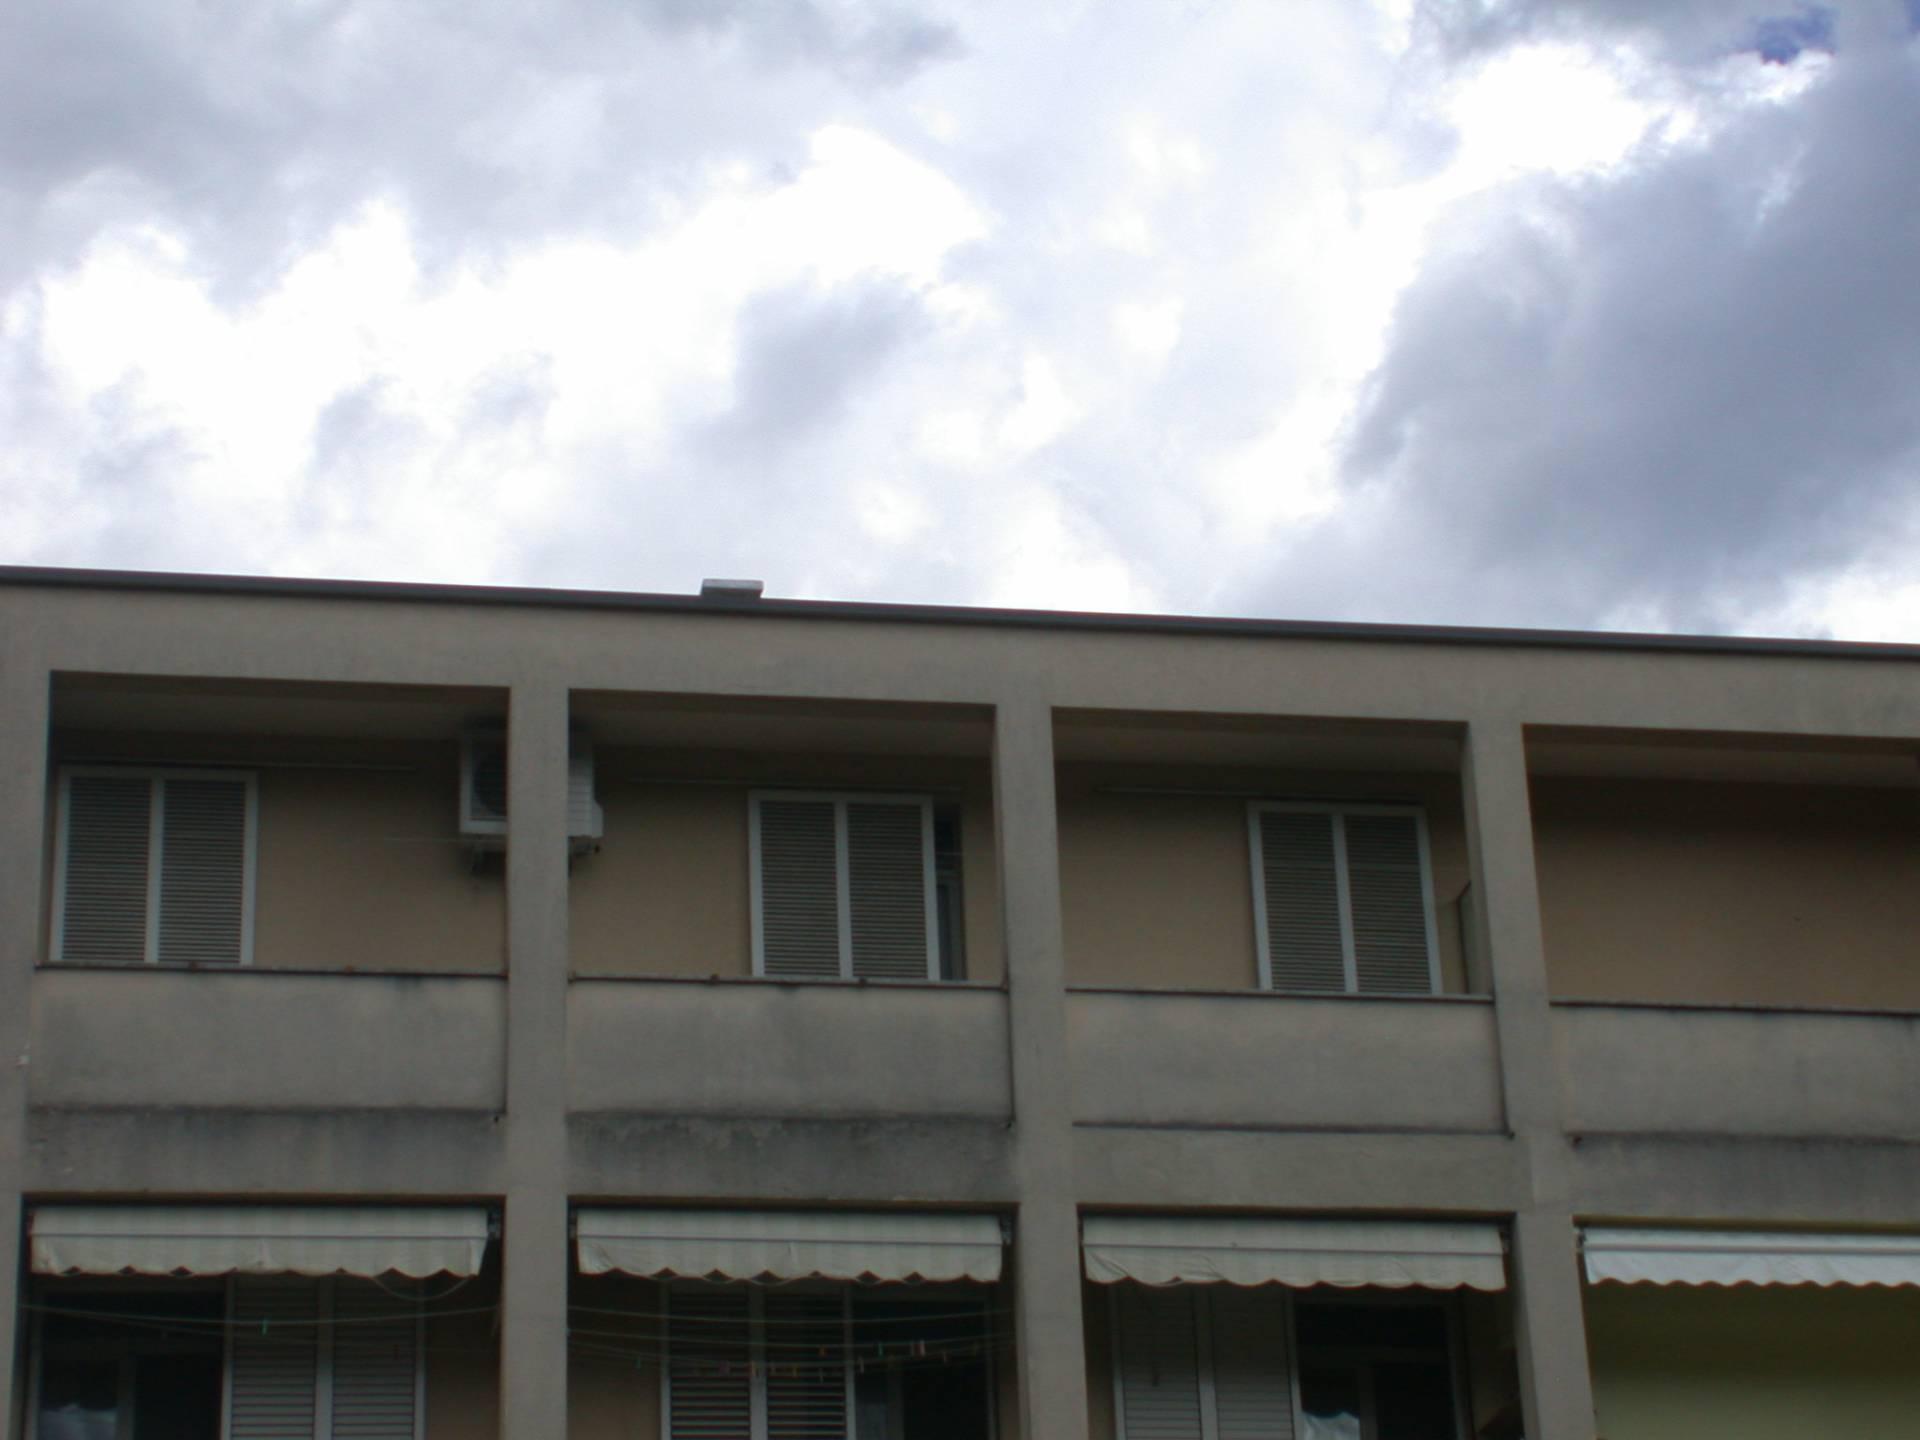 Appartamento in vendita a Gorizia, 7 locali, zona Località: centro, prezzo € 63.000 | Cambio Casa.it